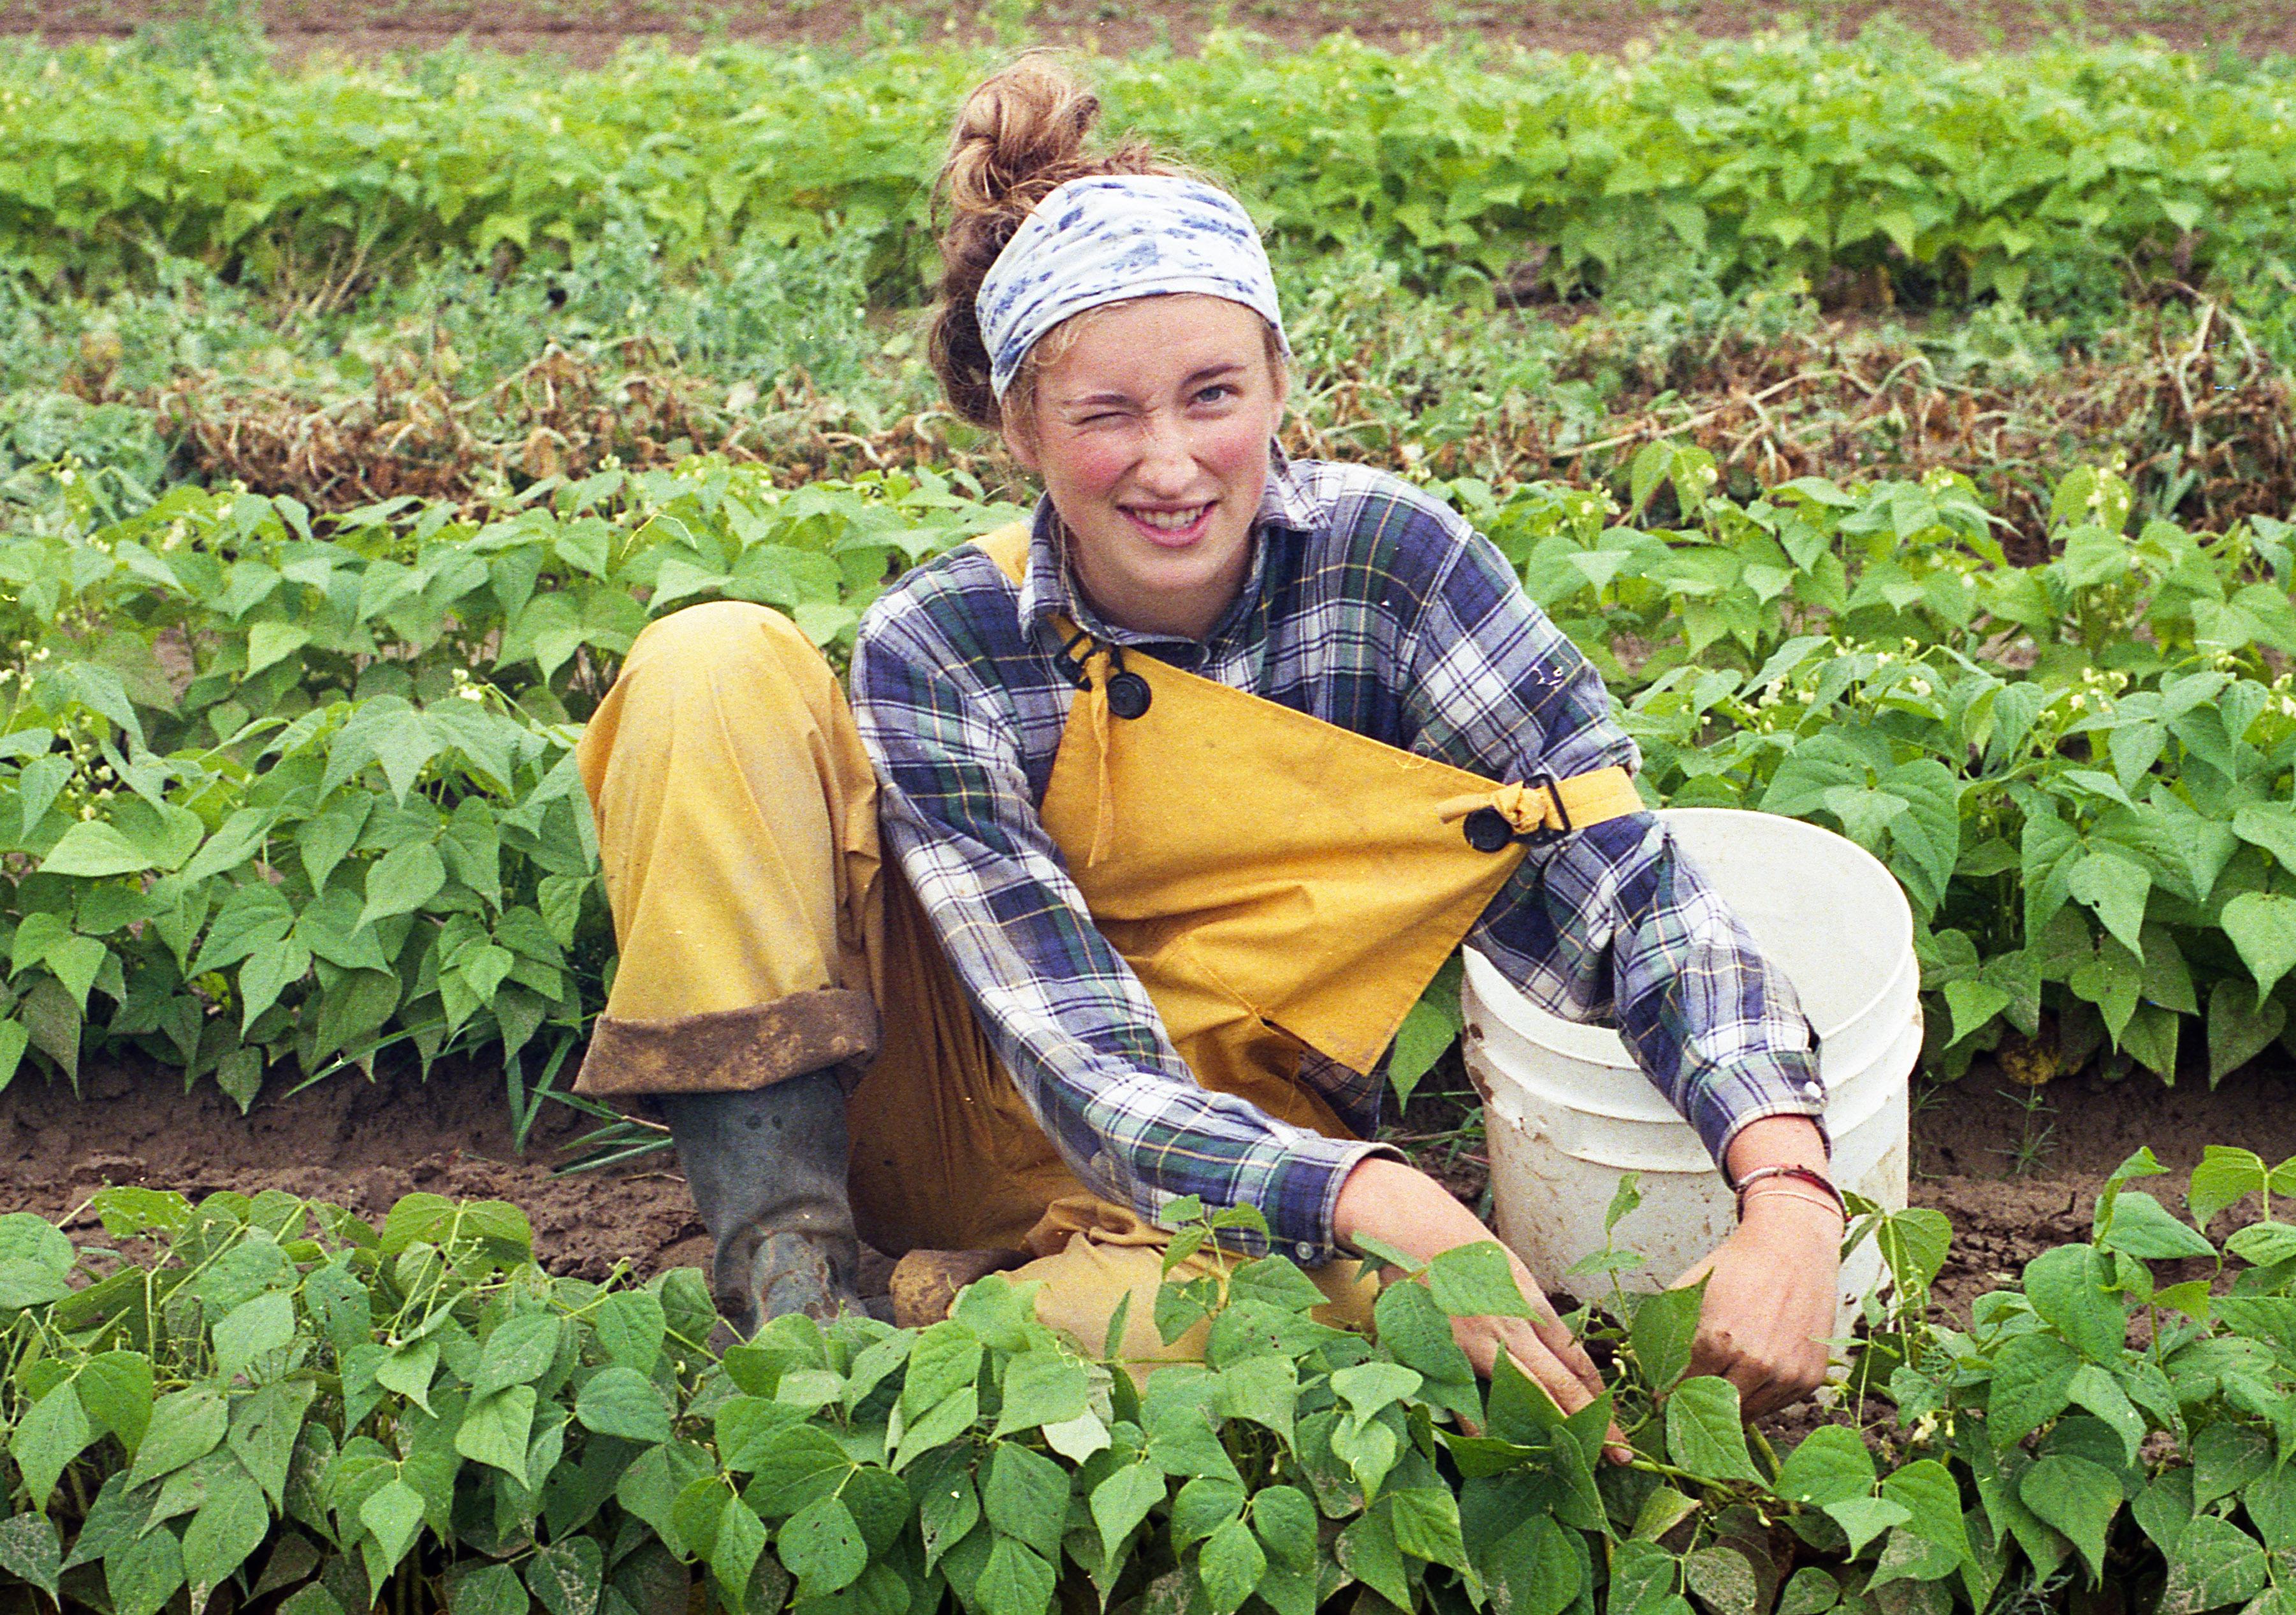 maine farmer bean picker